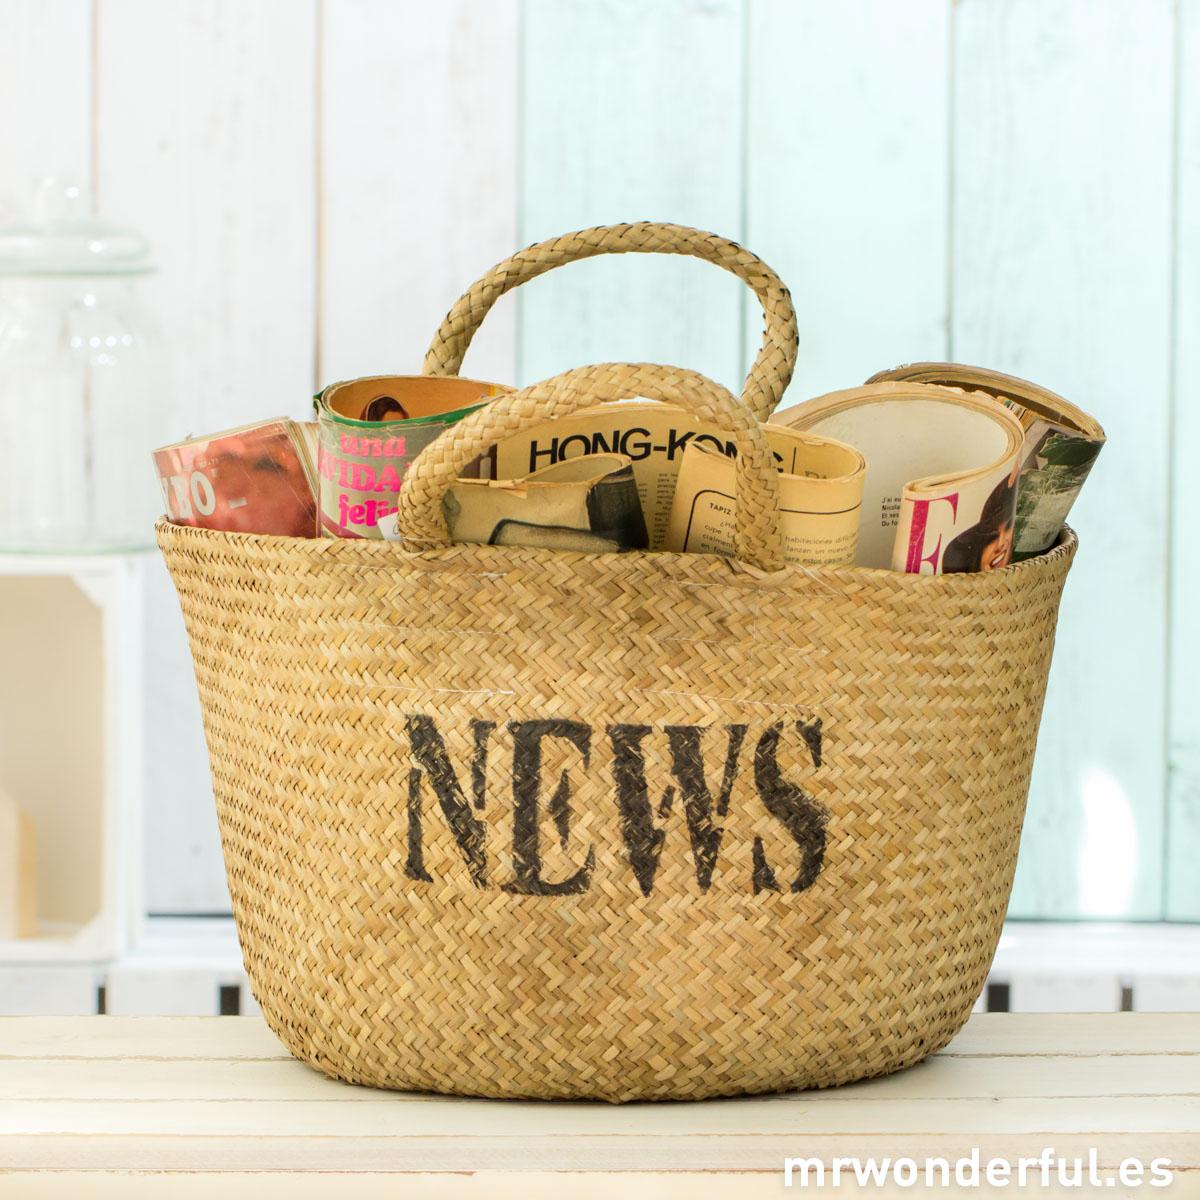 Mrwonderful_NT0202_1_cesta-mimbre-news-3